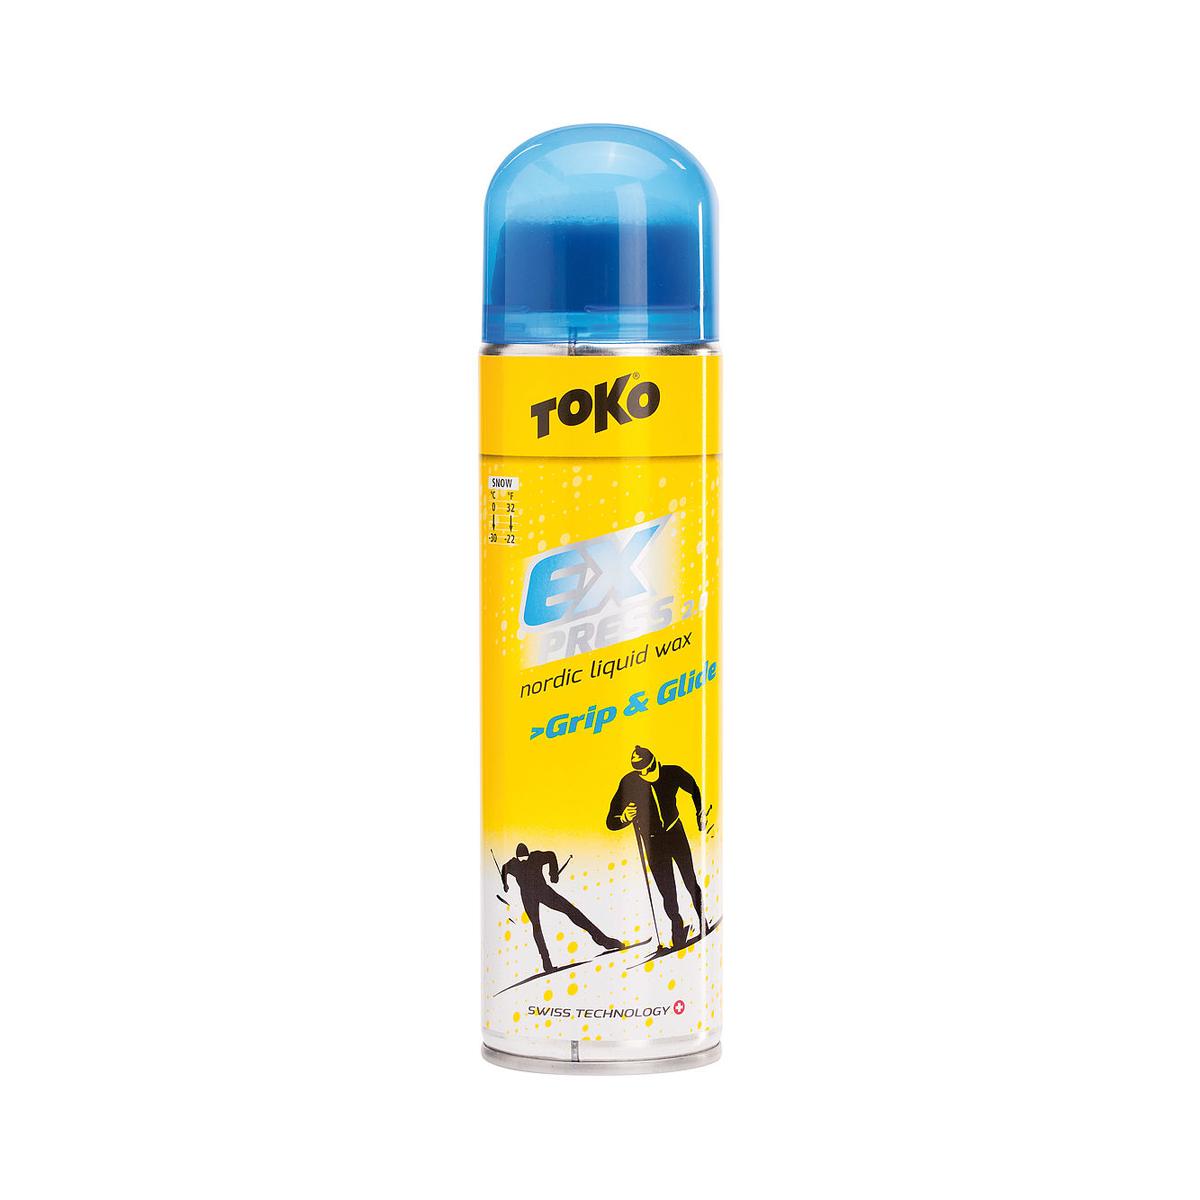 TOKO Экспресс смазка  Express Grip & Glide 200 мл.  5509266 - 1